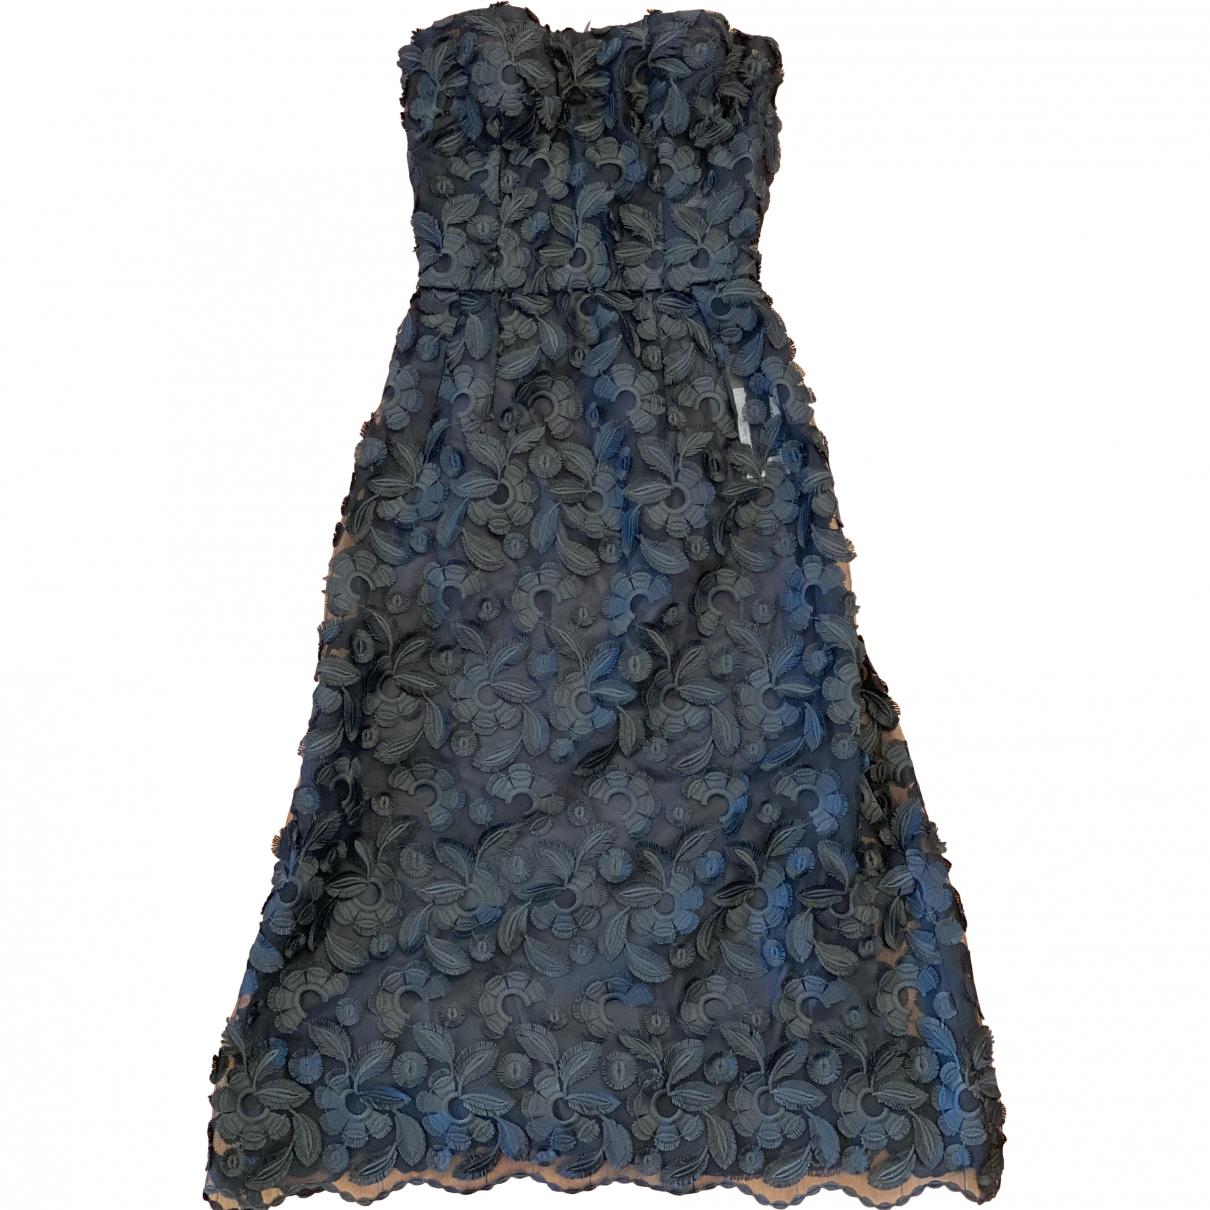 Dolce & Gabbana \N Black Lace dress for Women 40 IT